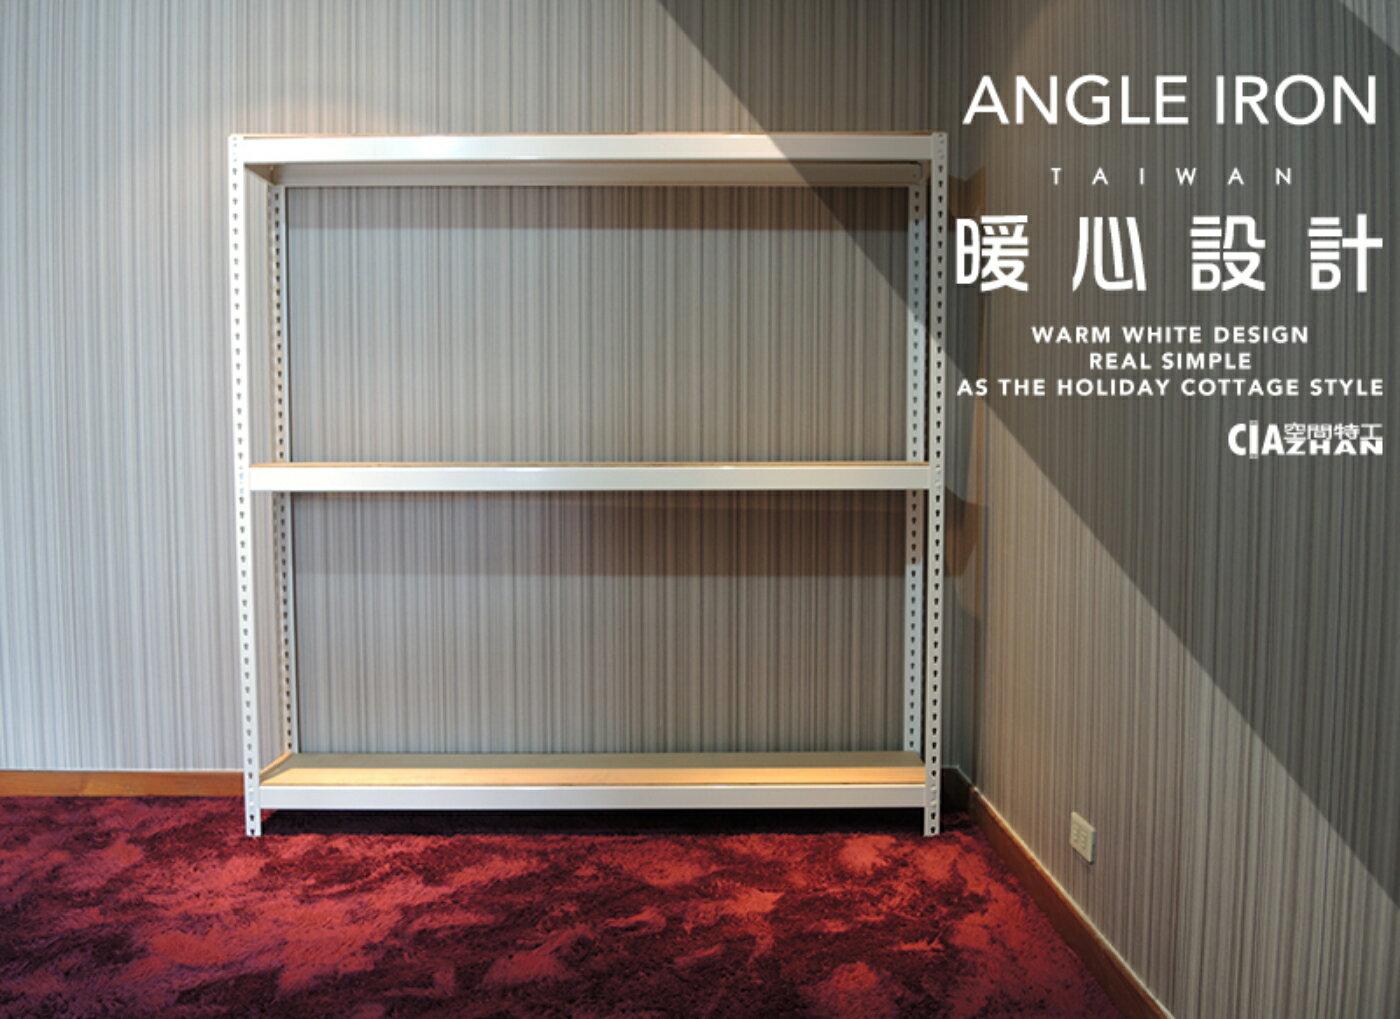 書櫃 置物架 書架 ♞空間特工♞(長5x深1.5尺x3層,高6尺 補強桿3支) 橫桿2mm厚 免螺絲角鋼 現貨秒發 免運